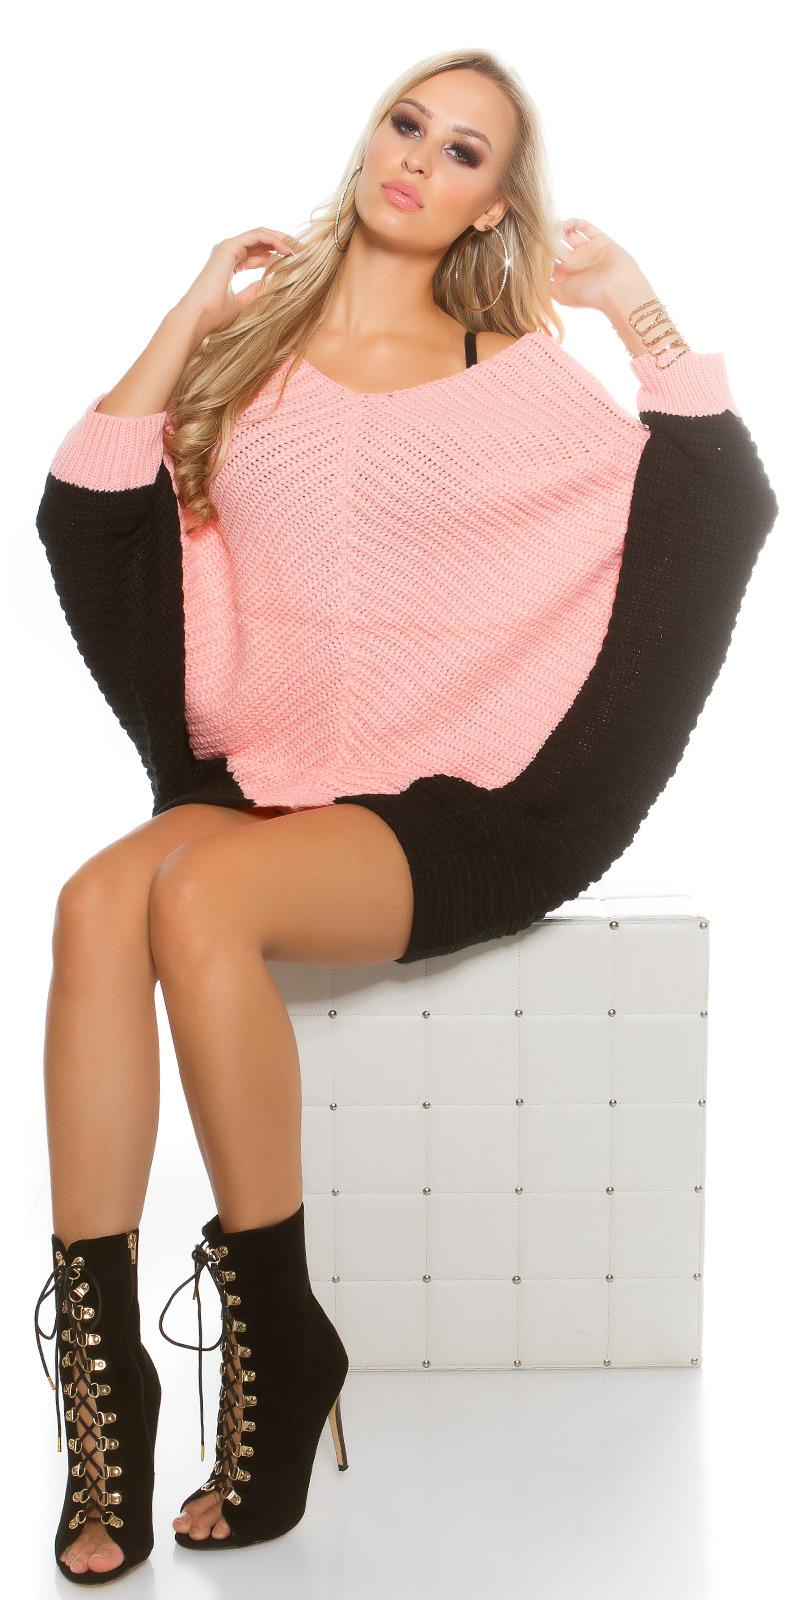 Pulover la moda bat tricot supradimensionat